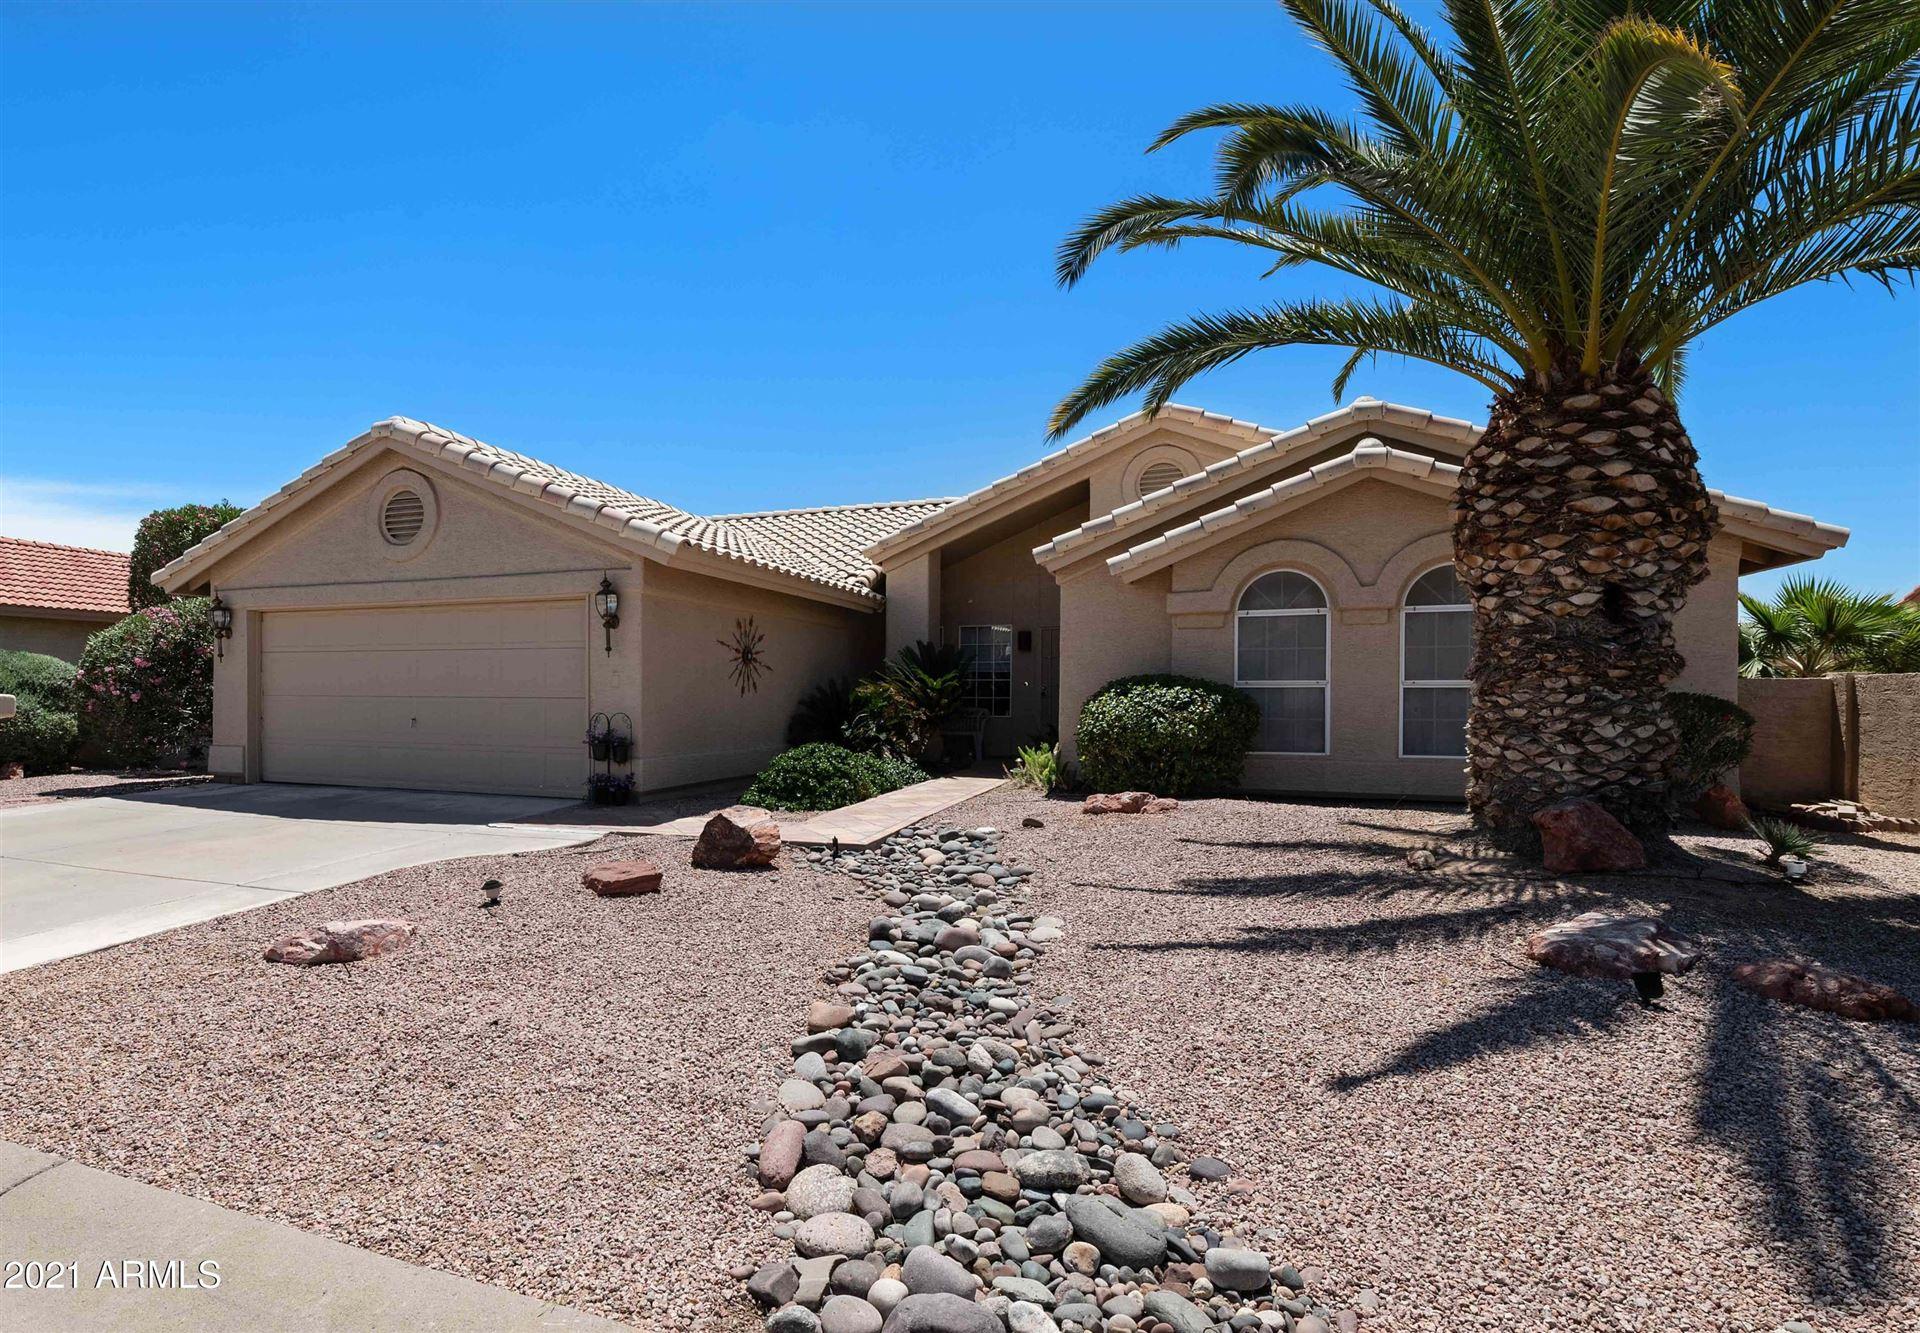 10503 E ELMHURST Drive, Sun Lakes, AZ 85248 - #: 6228590